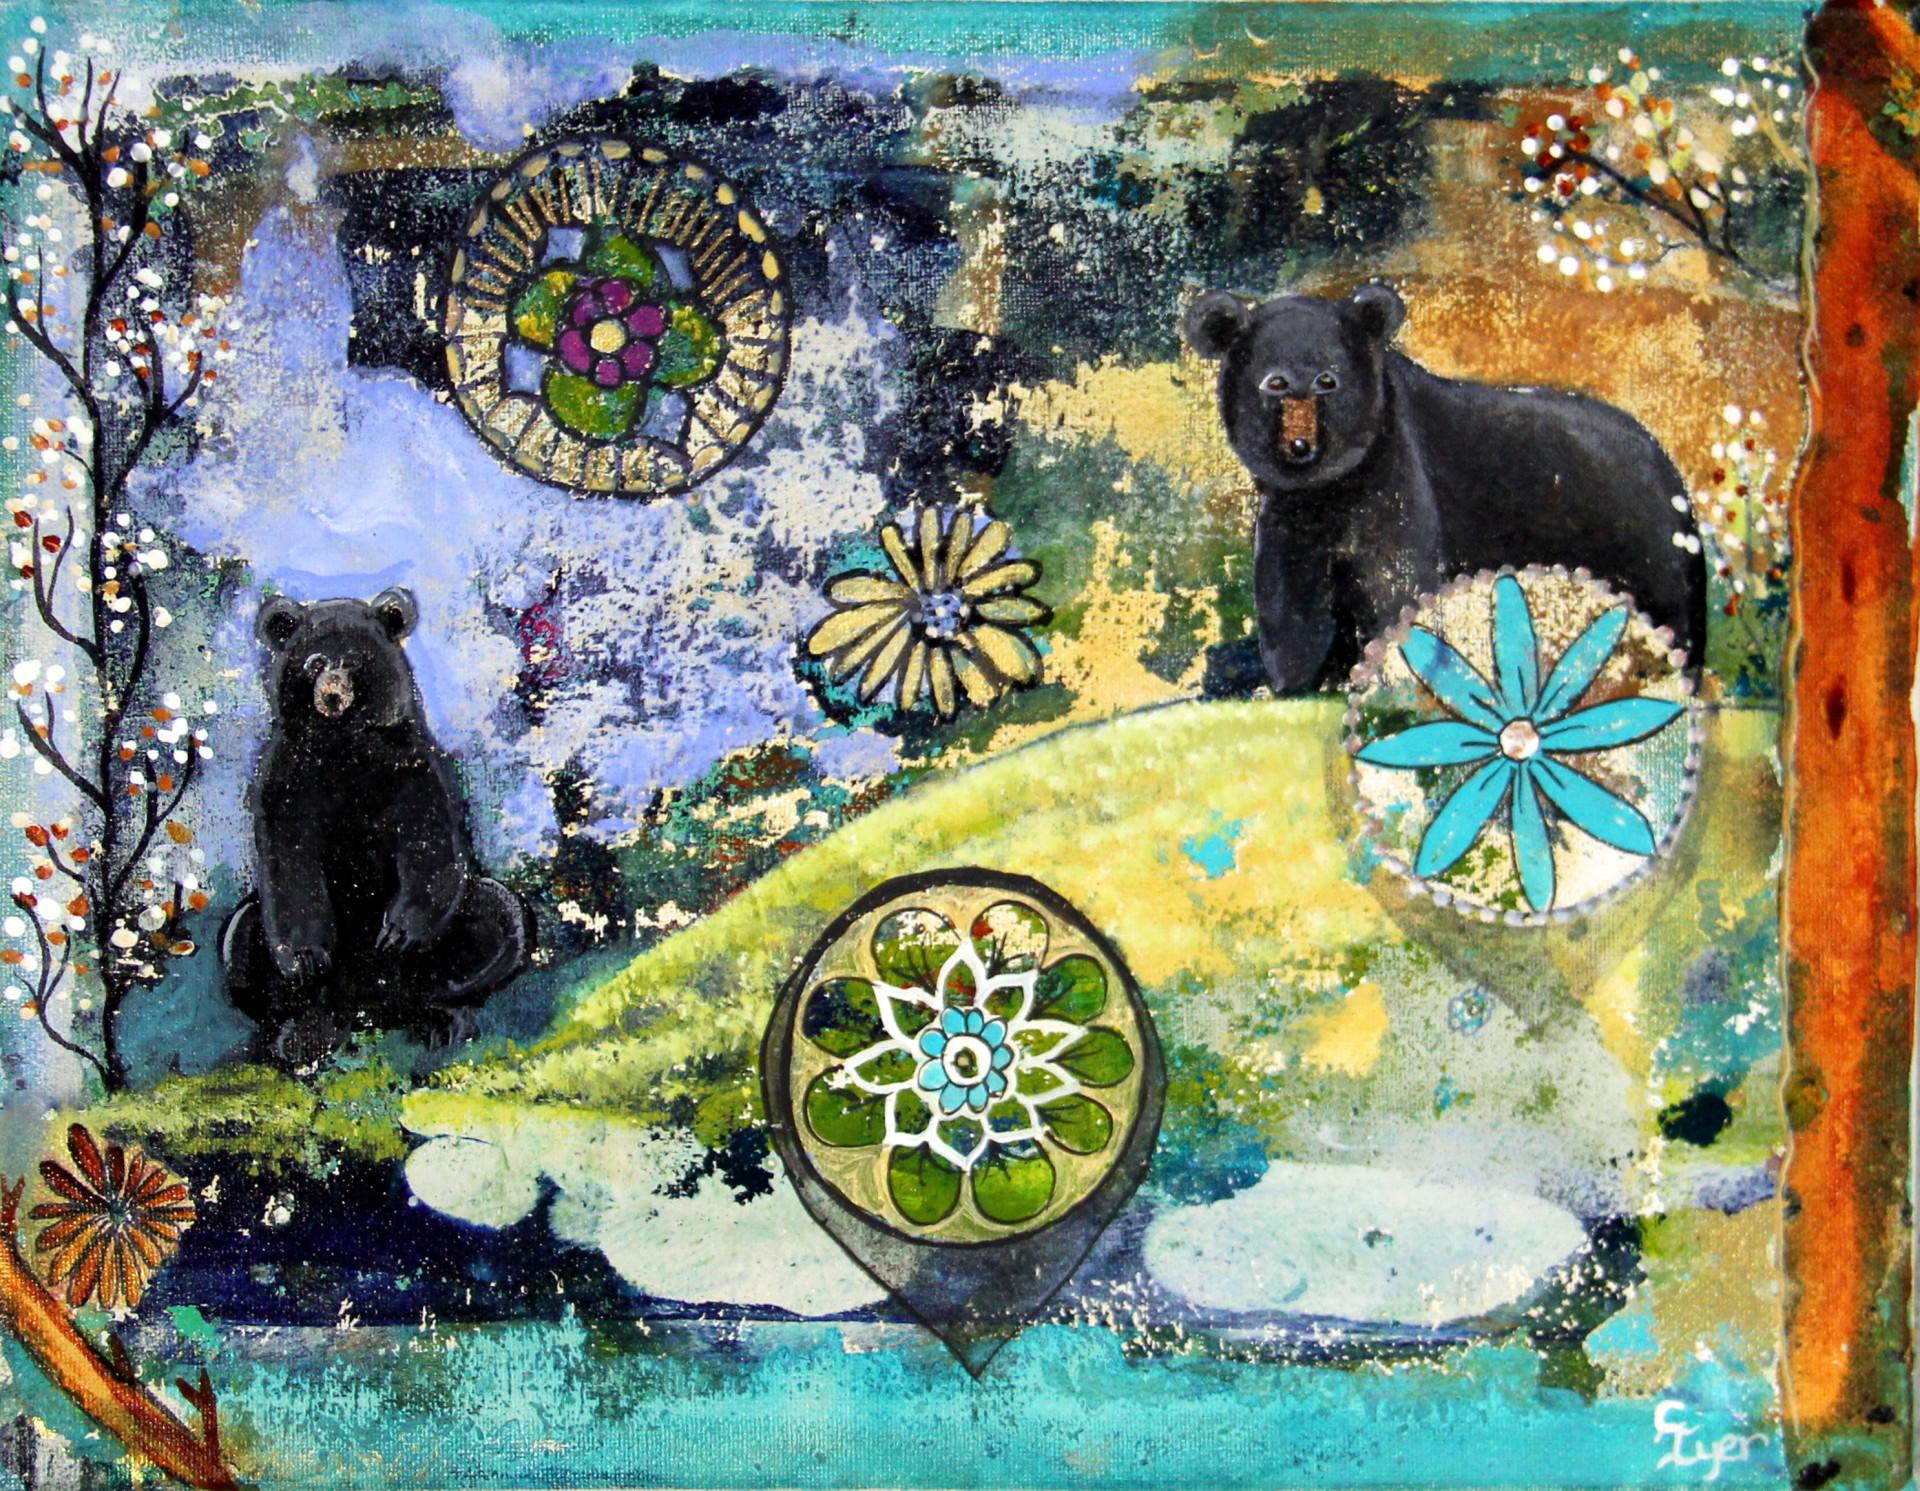 Bears and Mandalas